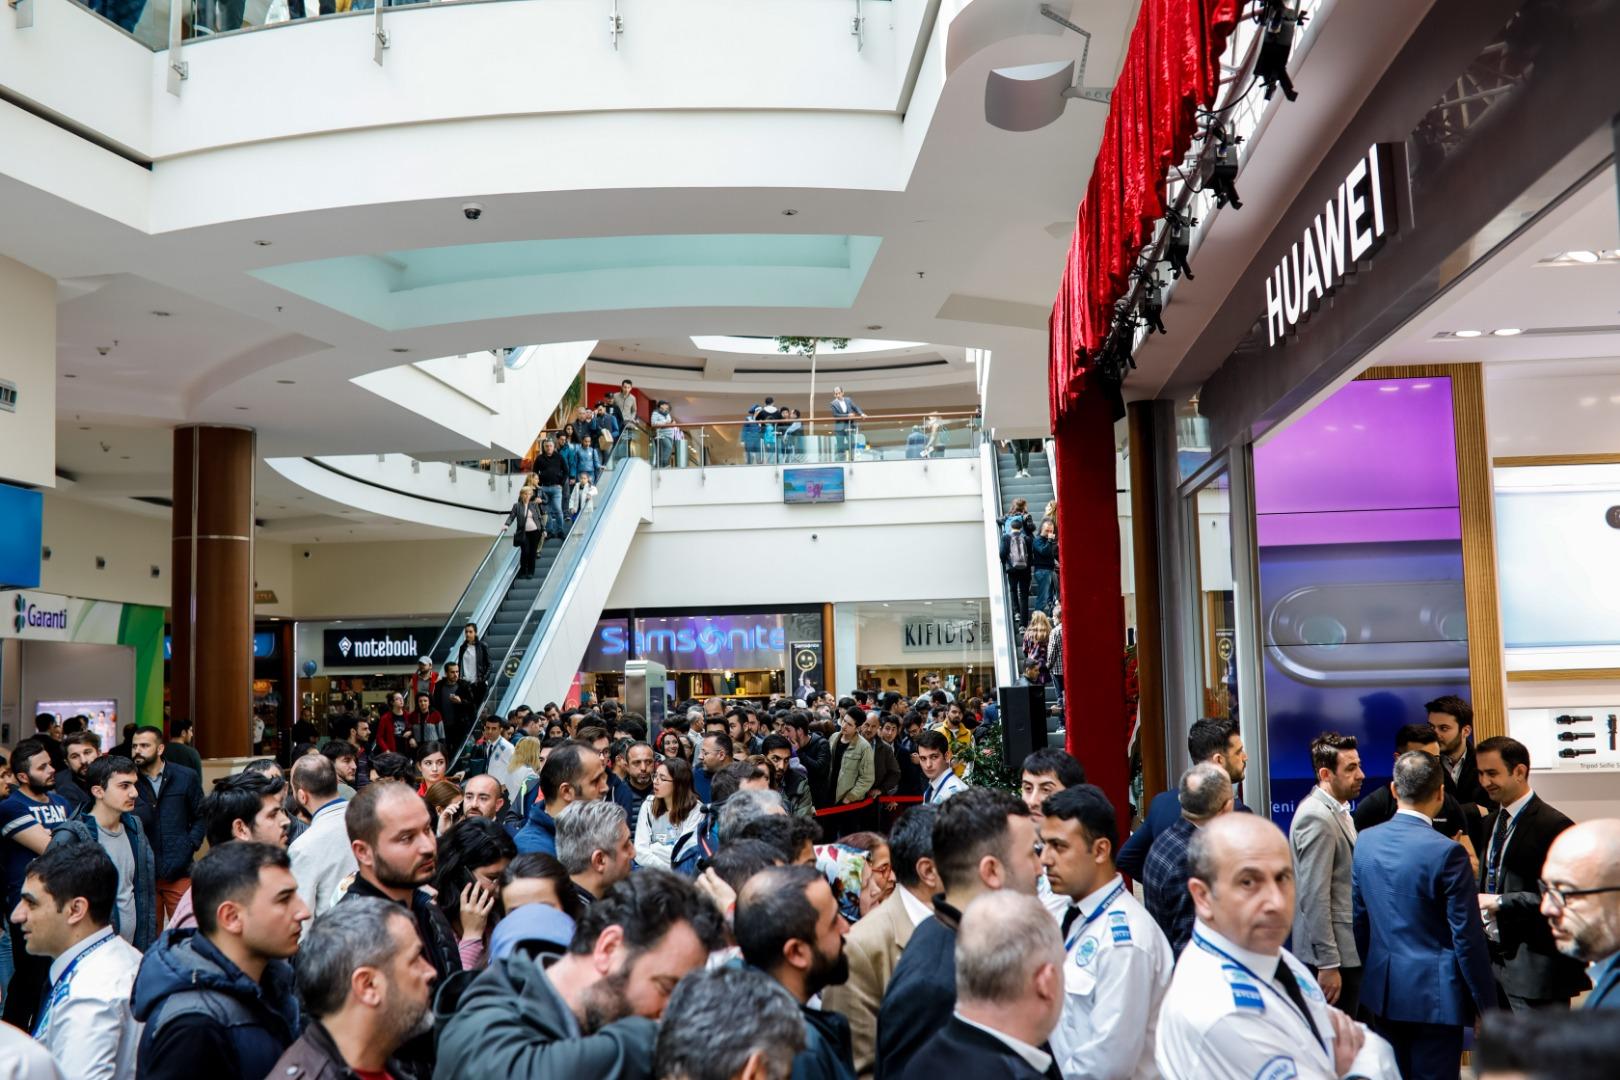 Huawei'nin mağazasını 6 bin 500 kişi deneyimledi